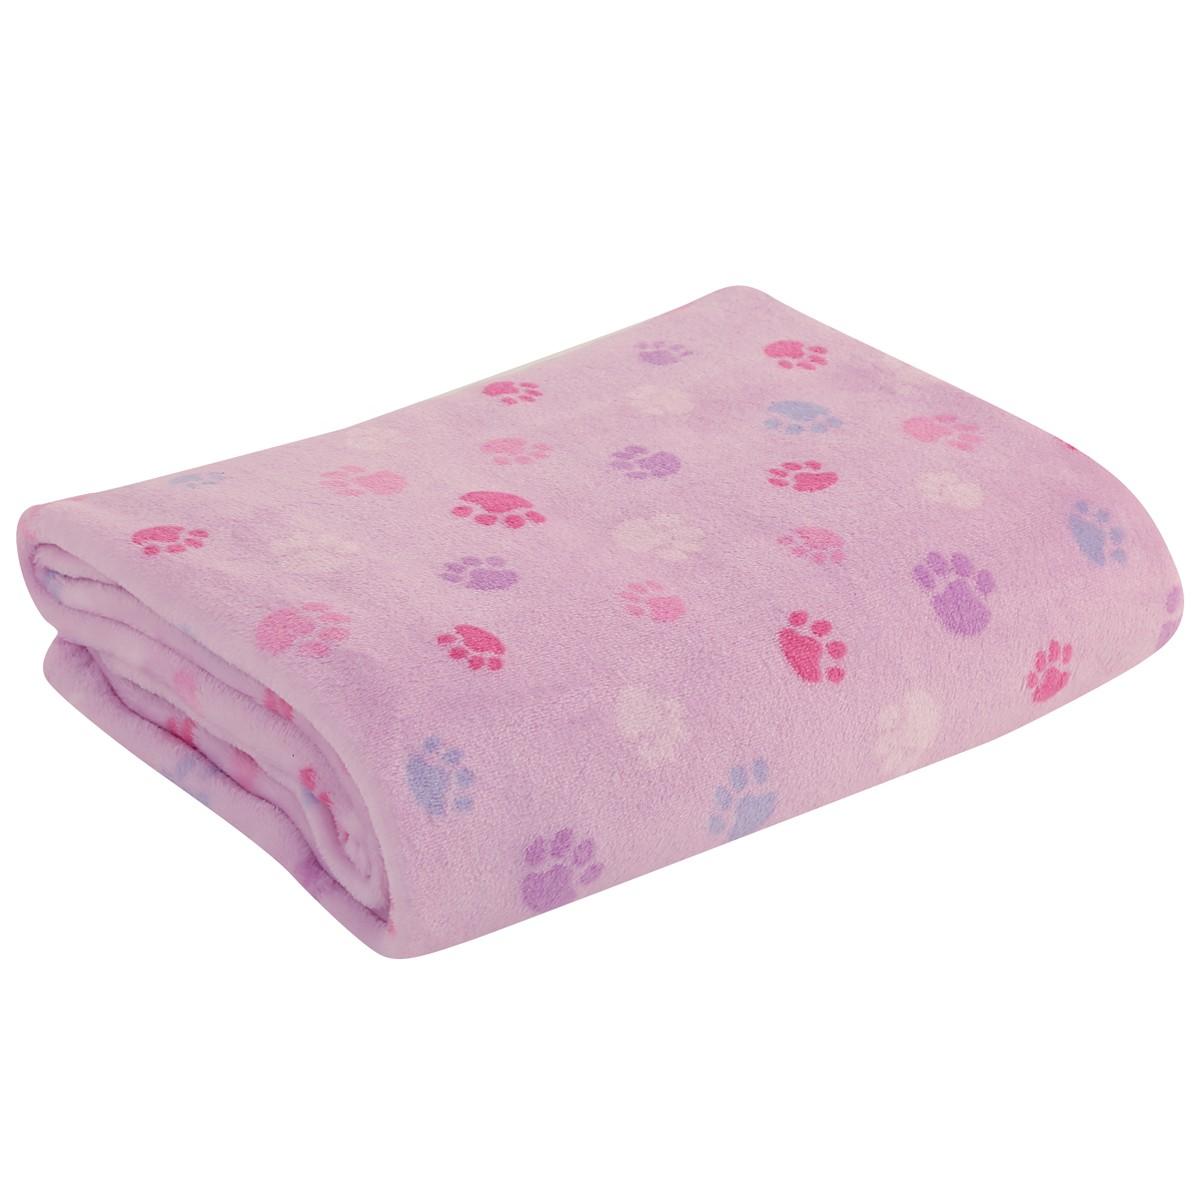 Κουβέρτα Fleece Κούνιας Nef-Nef Baby Footprint Lilac 76063